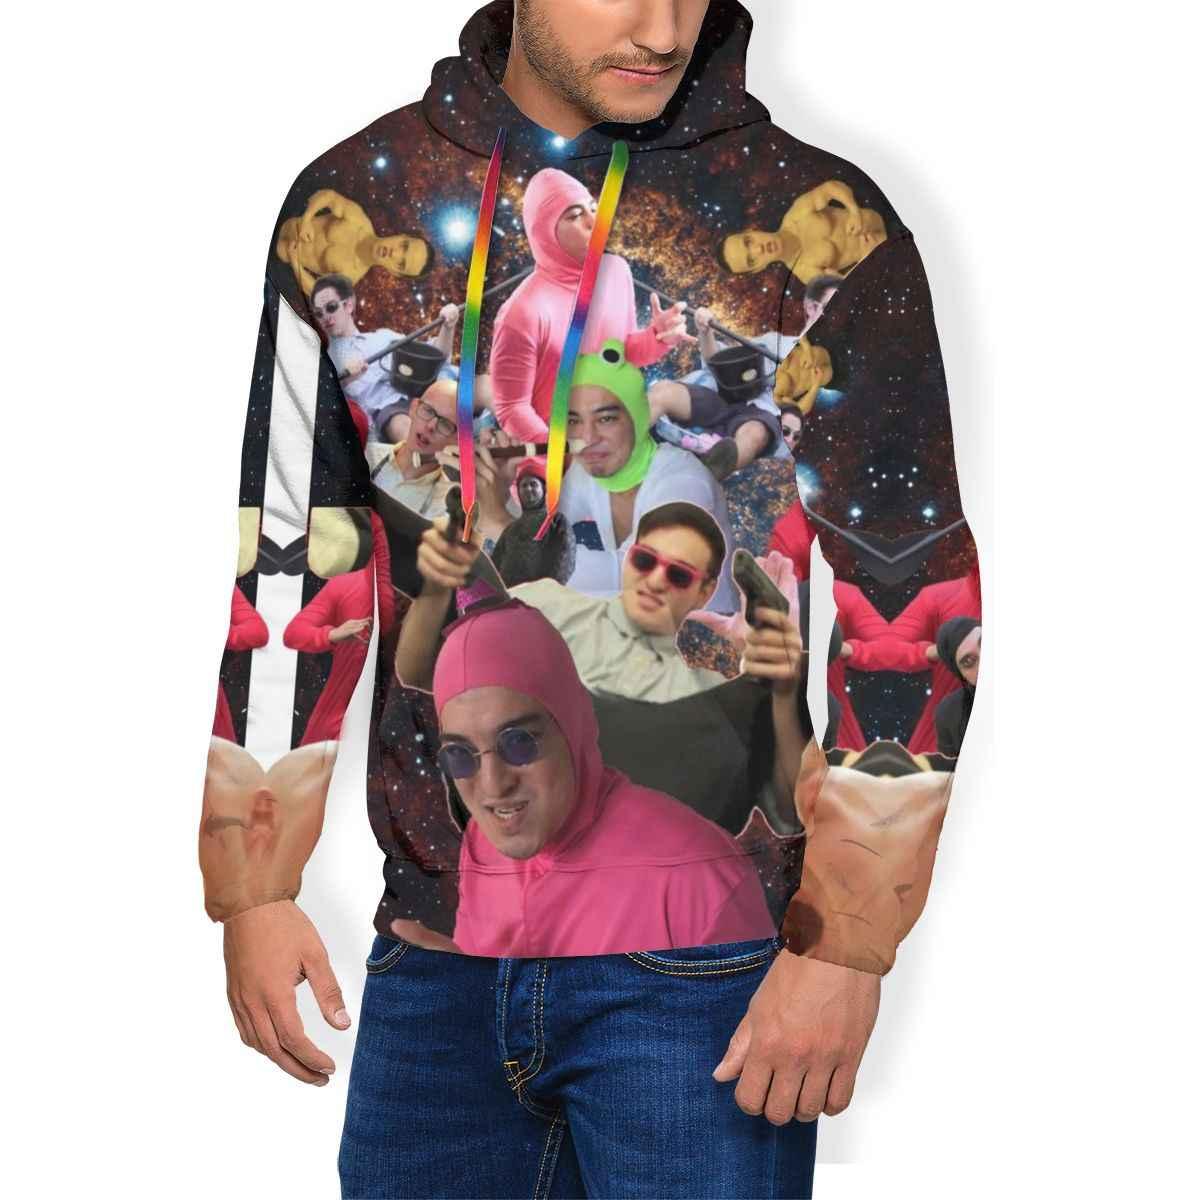 Meme Hoodie Filthy Frank Hoodies Long Length Big Pullover Hoodie Outdoor Polyester Purple Autumn Nice Hoodies Aliexpress